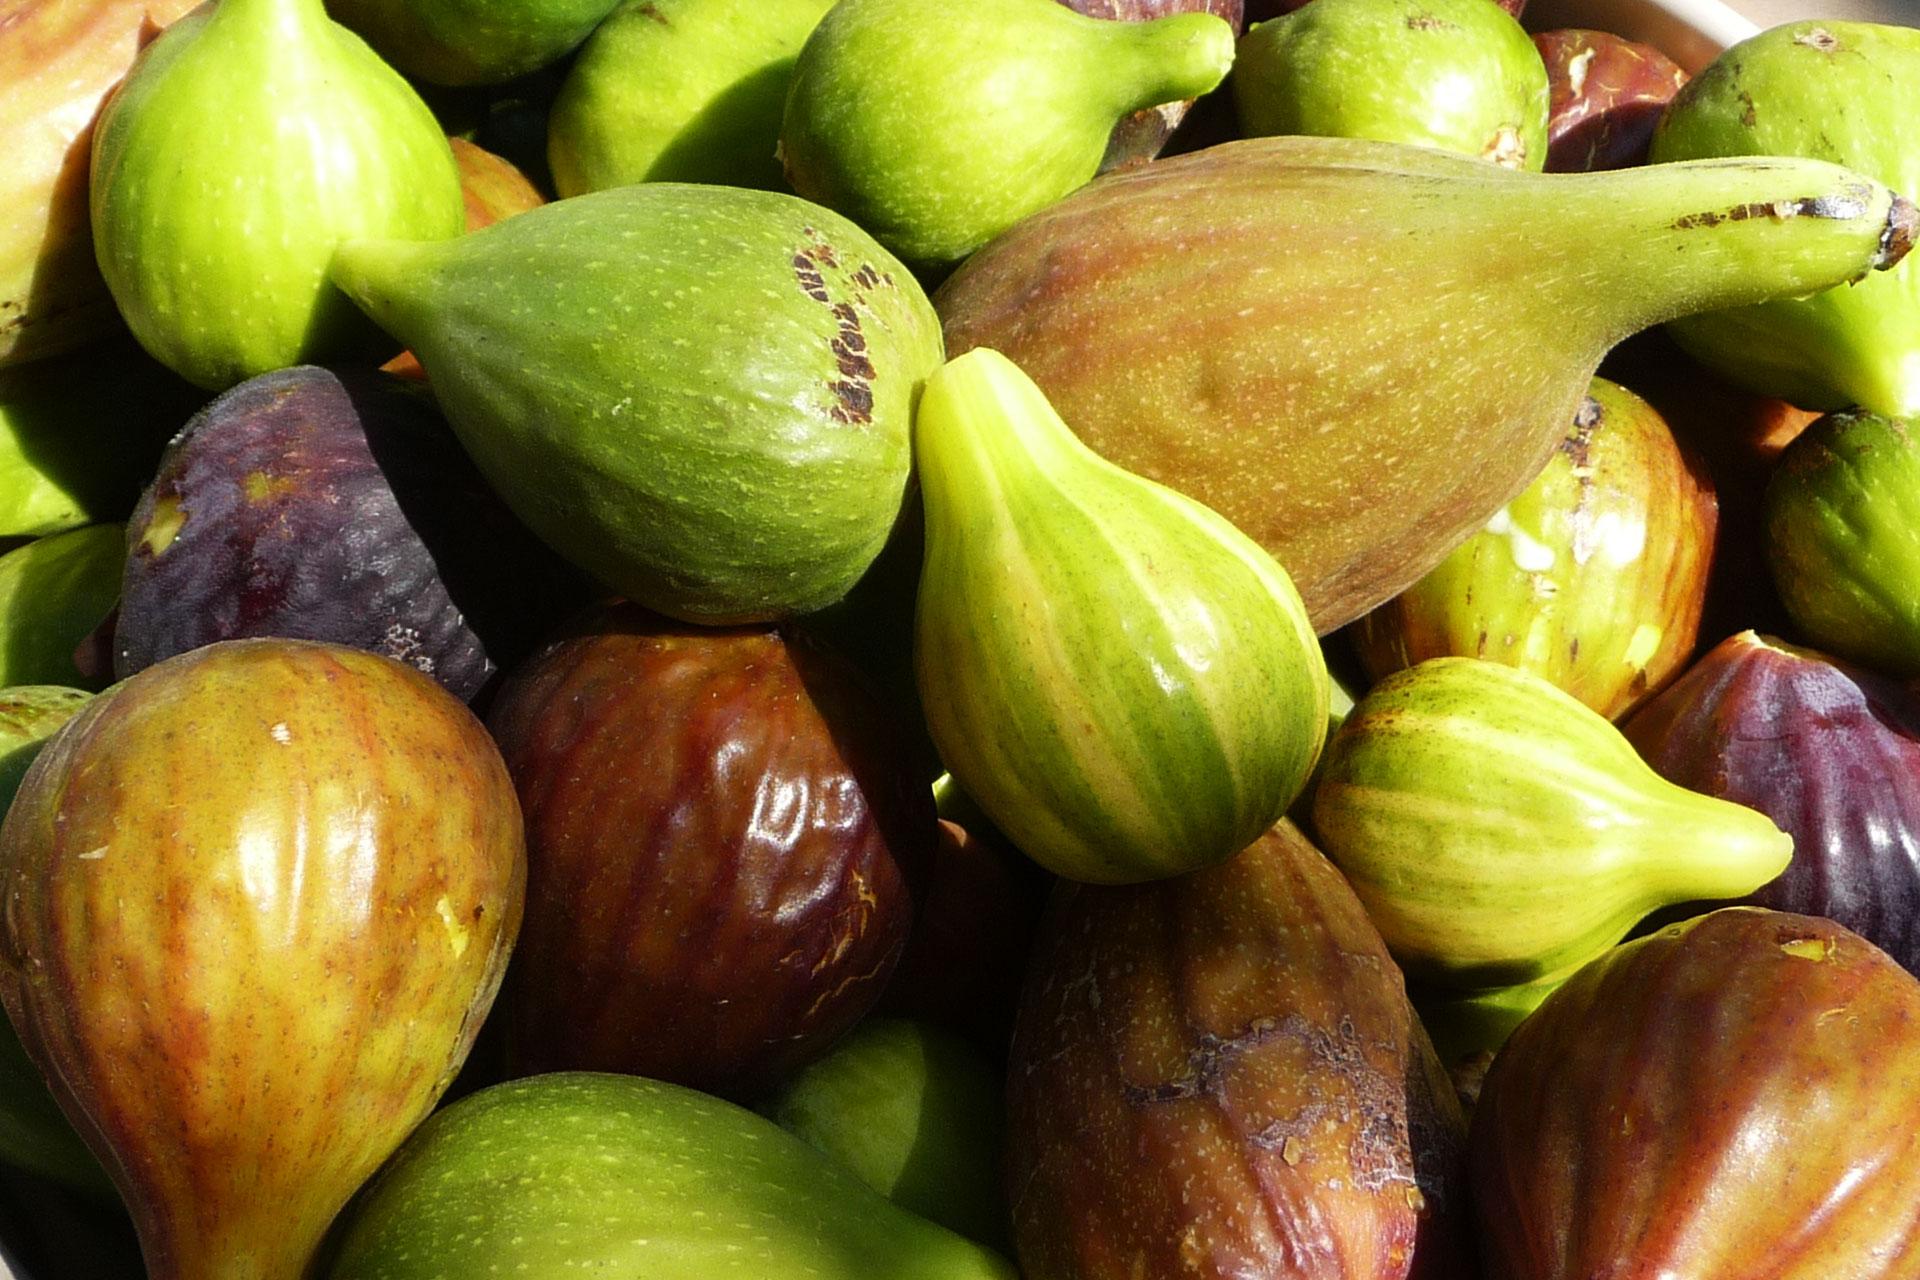 Collezione Ficus carica - I giardini di Pomona - Cisternino